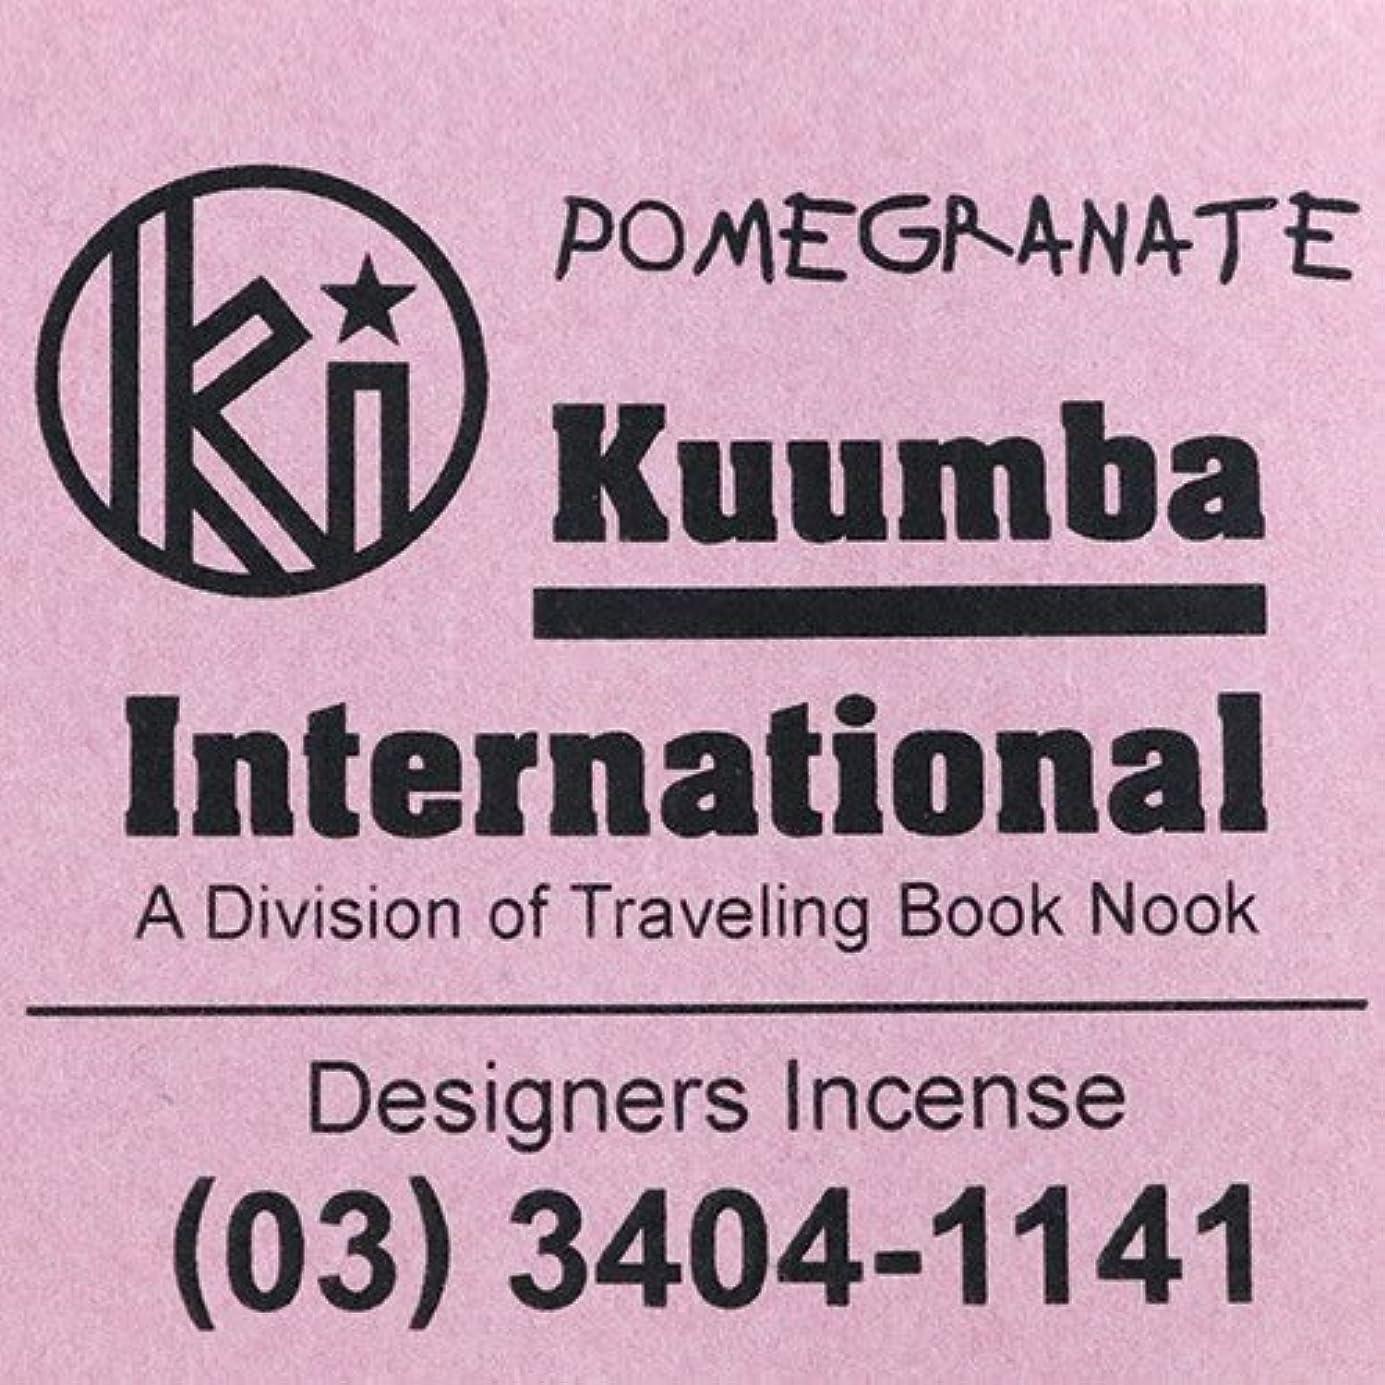 道路サンドイッチクランシー(クンバ) KUUMBA『incense』(POMEGRANATE) (Regular size)